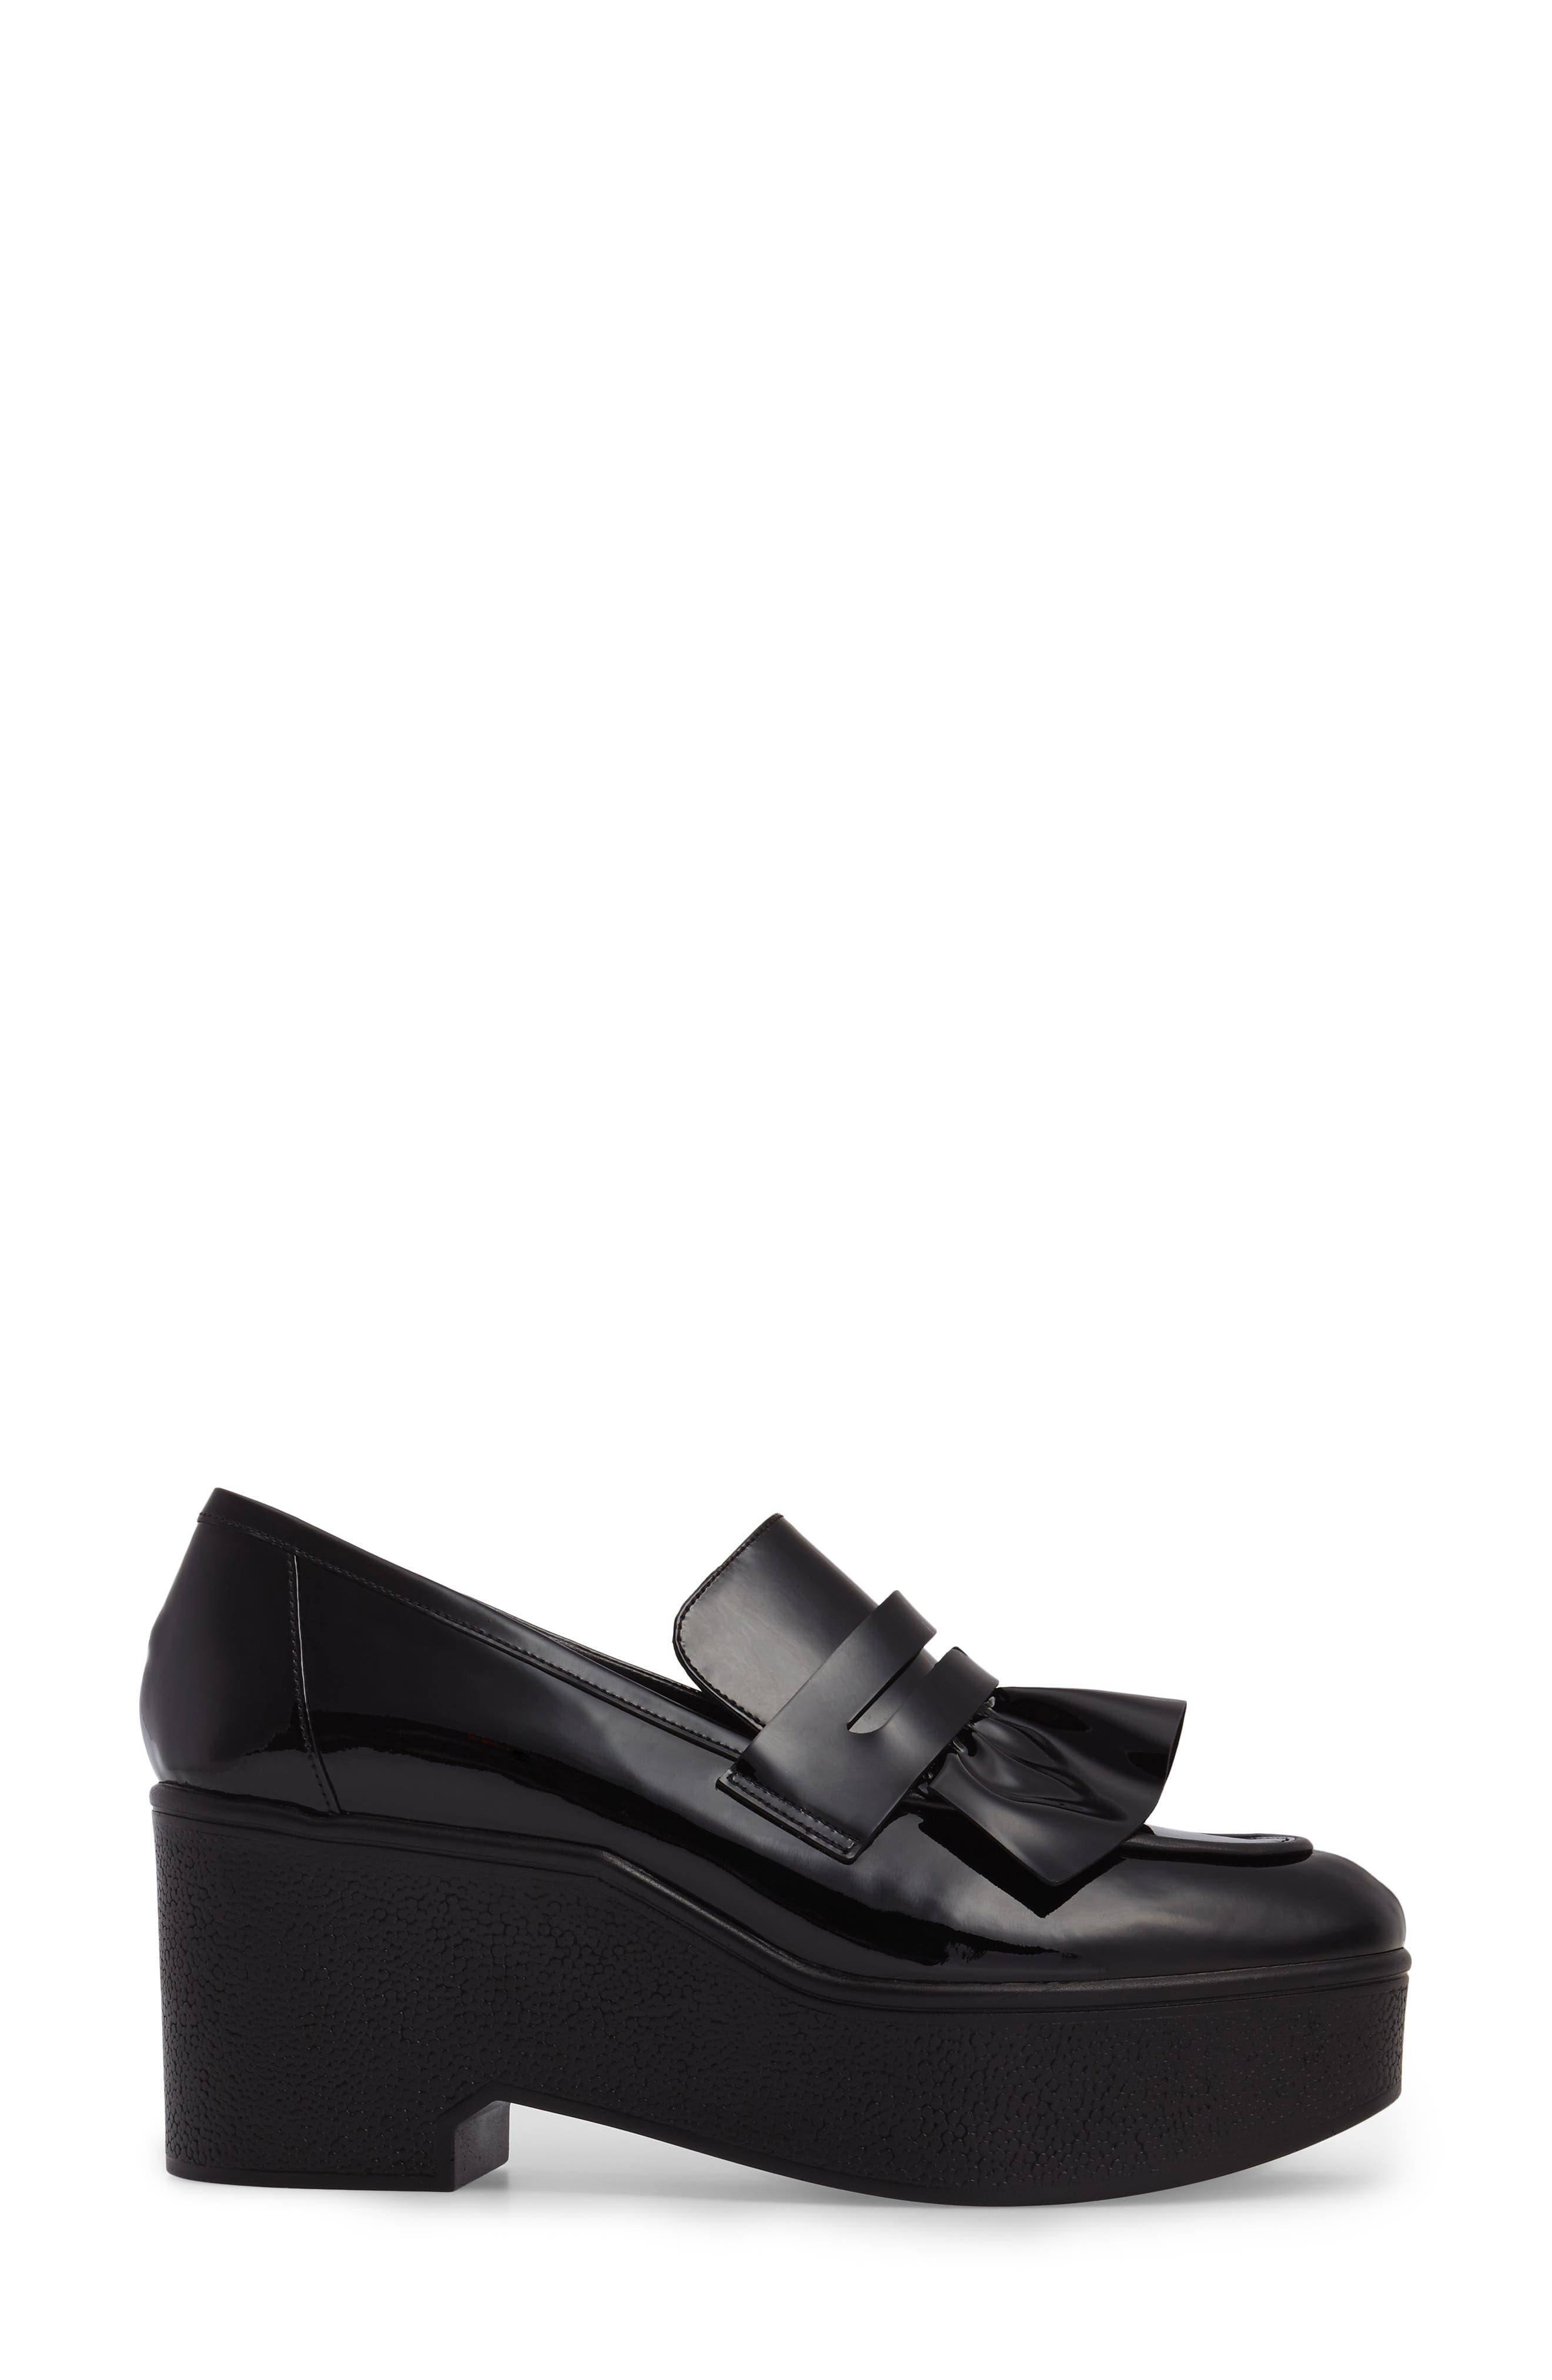 Xock Platform Loafer,                             Alternate thumbnail 3, color,                             Black